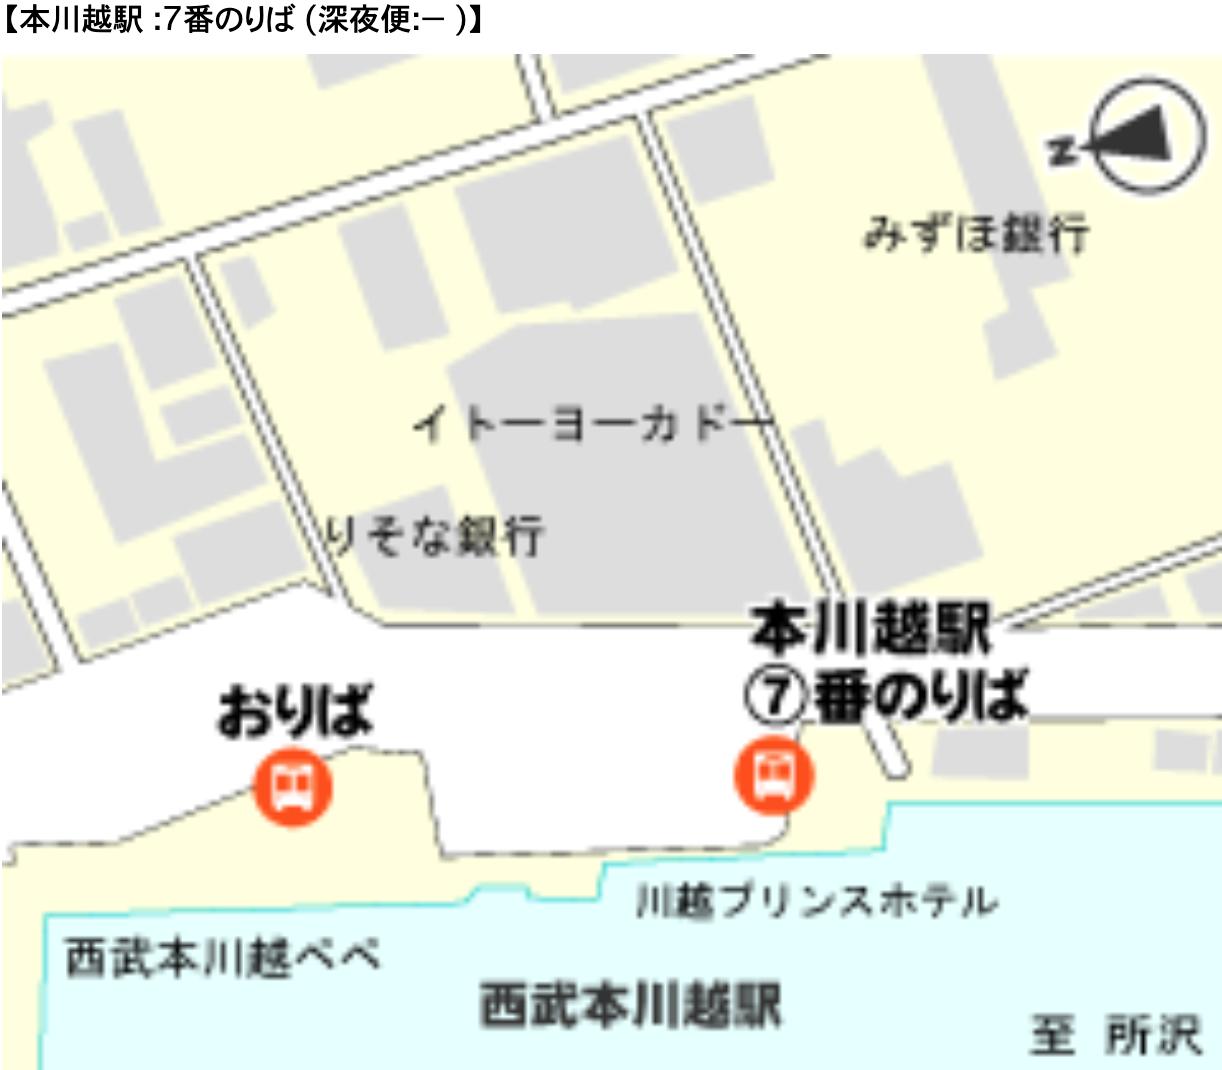 空港バス 本川越駅 案内図